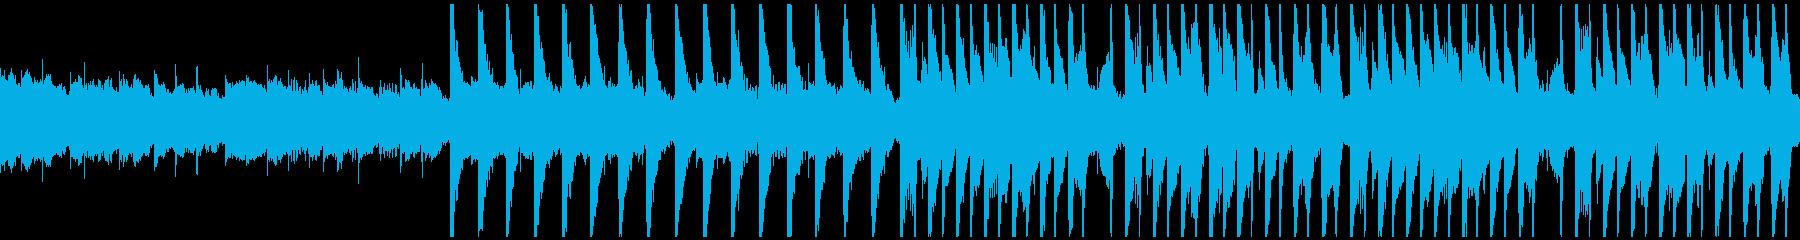 不気味な雰囲気のHouse(ループ版)の再生済みの波形